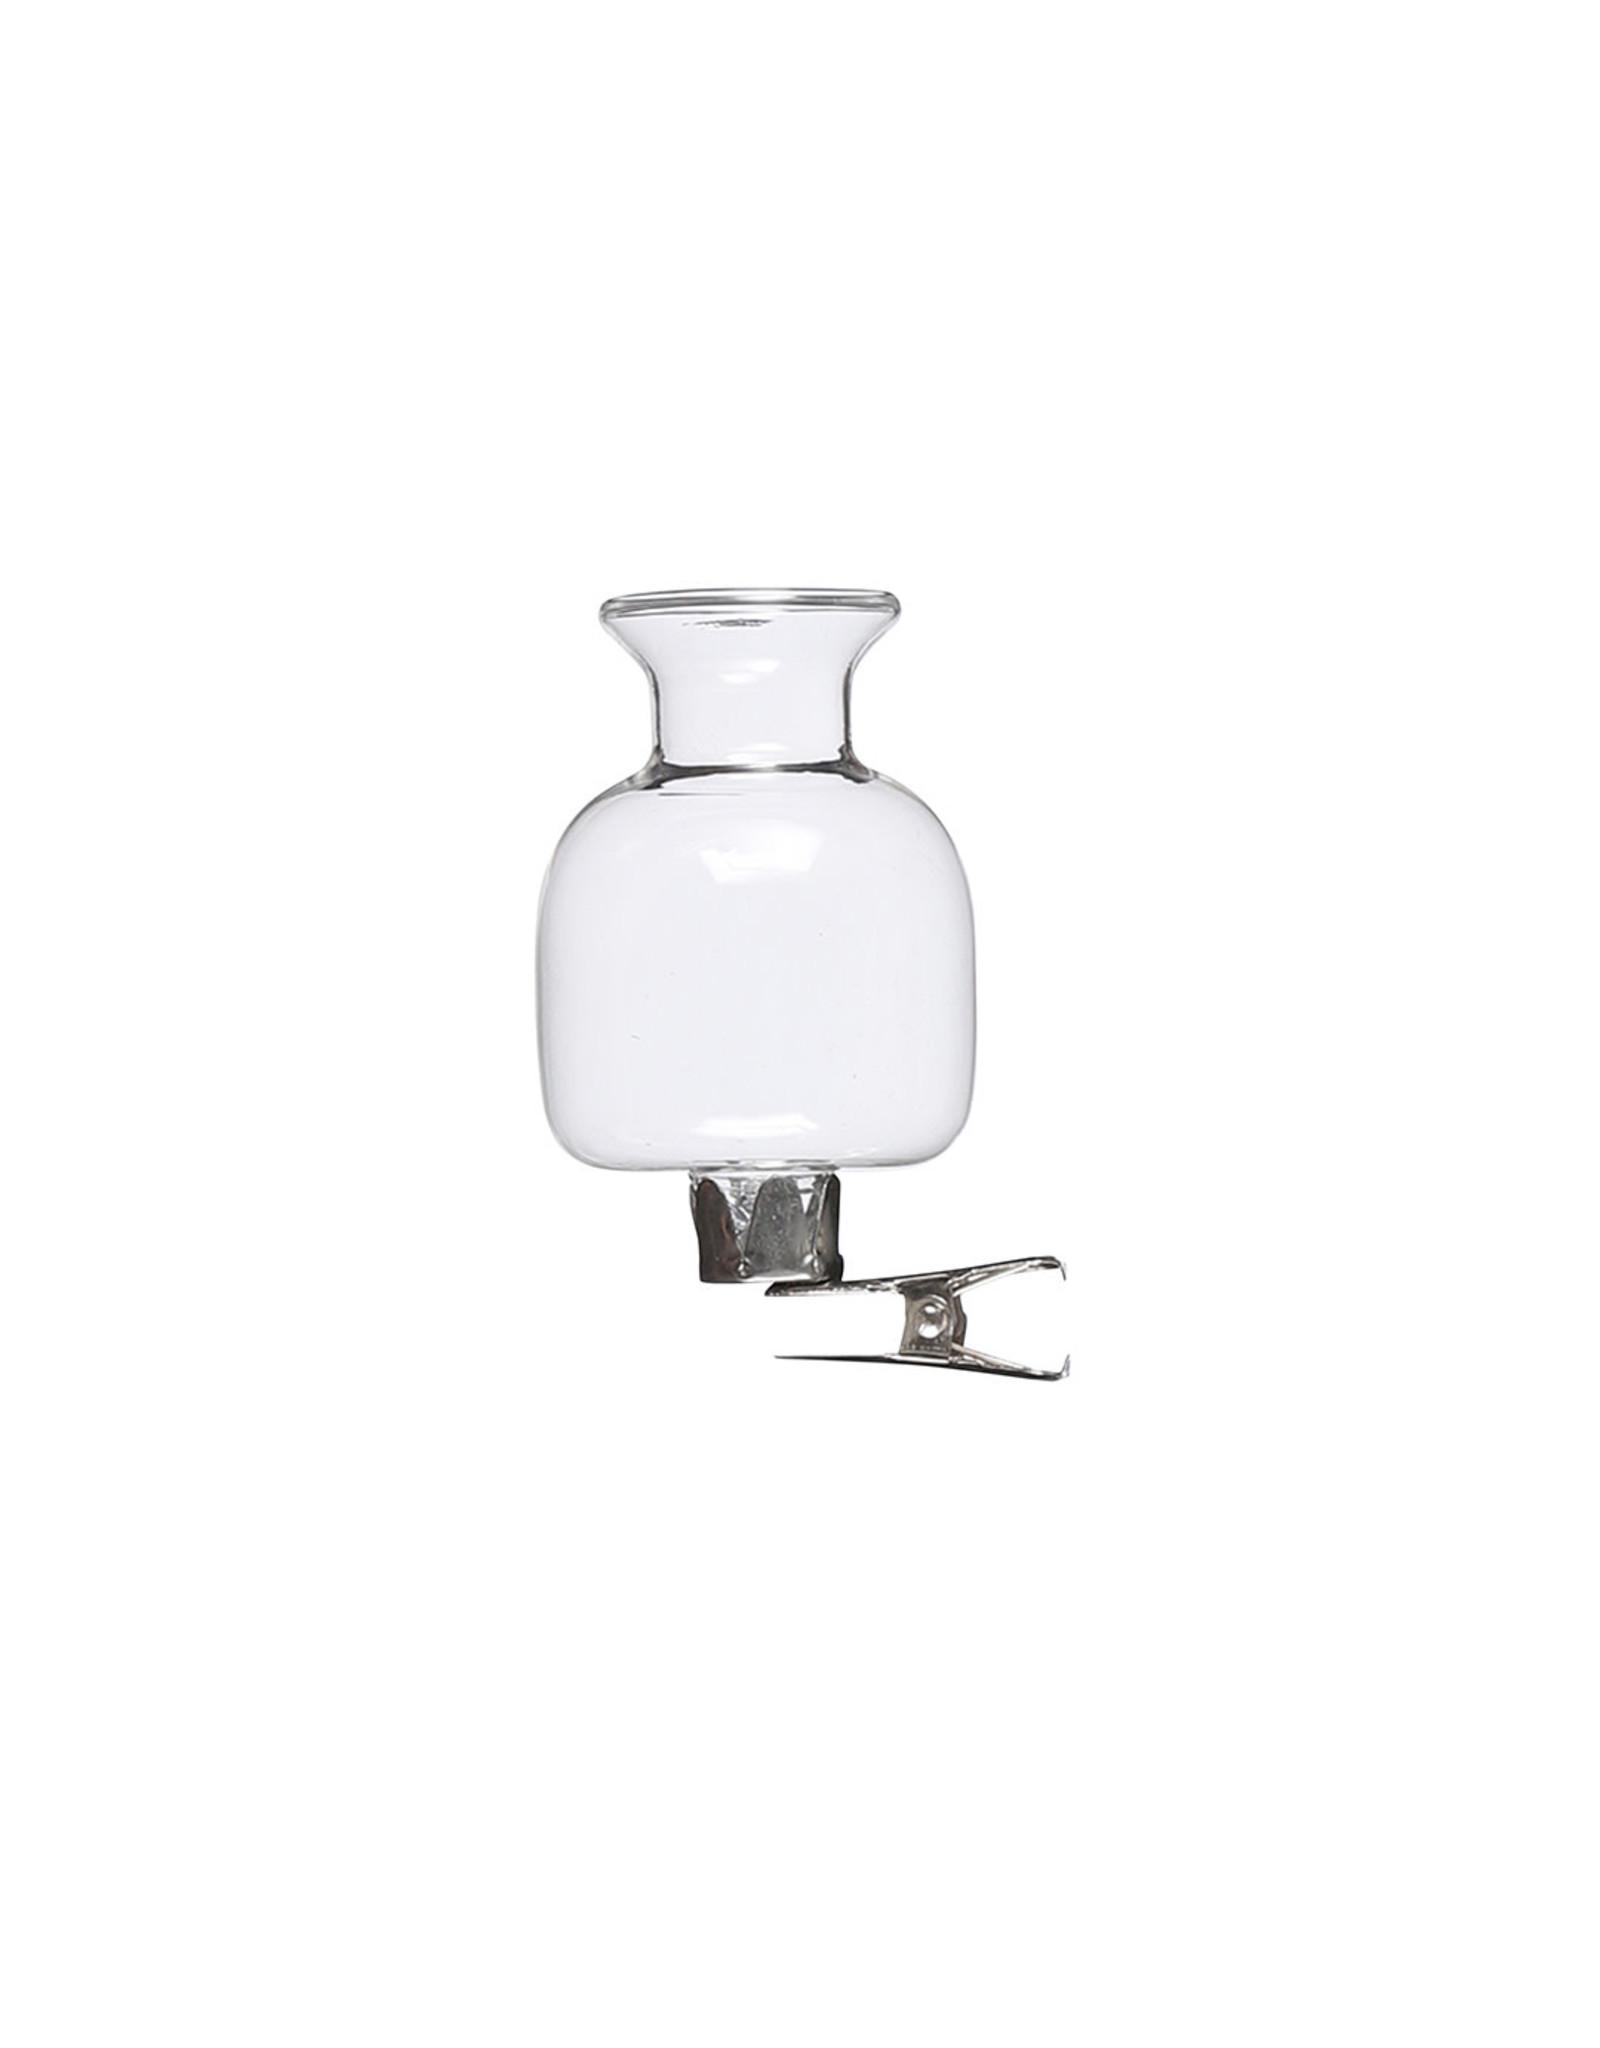 Clip Vase - h6xd4cm